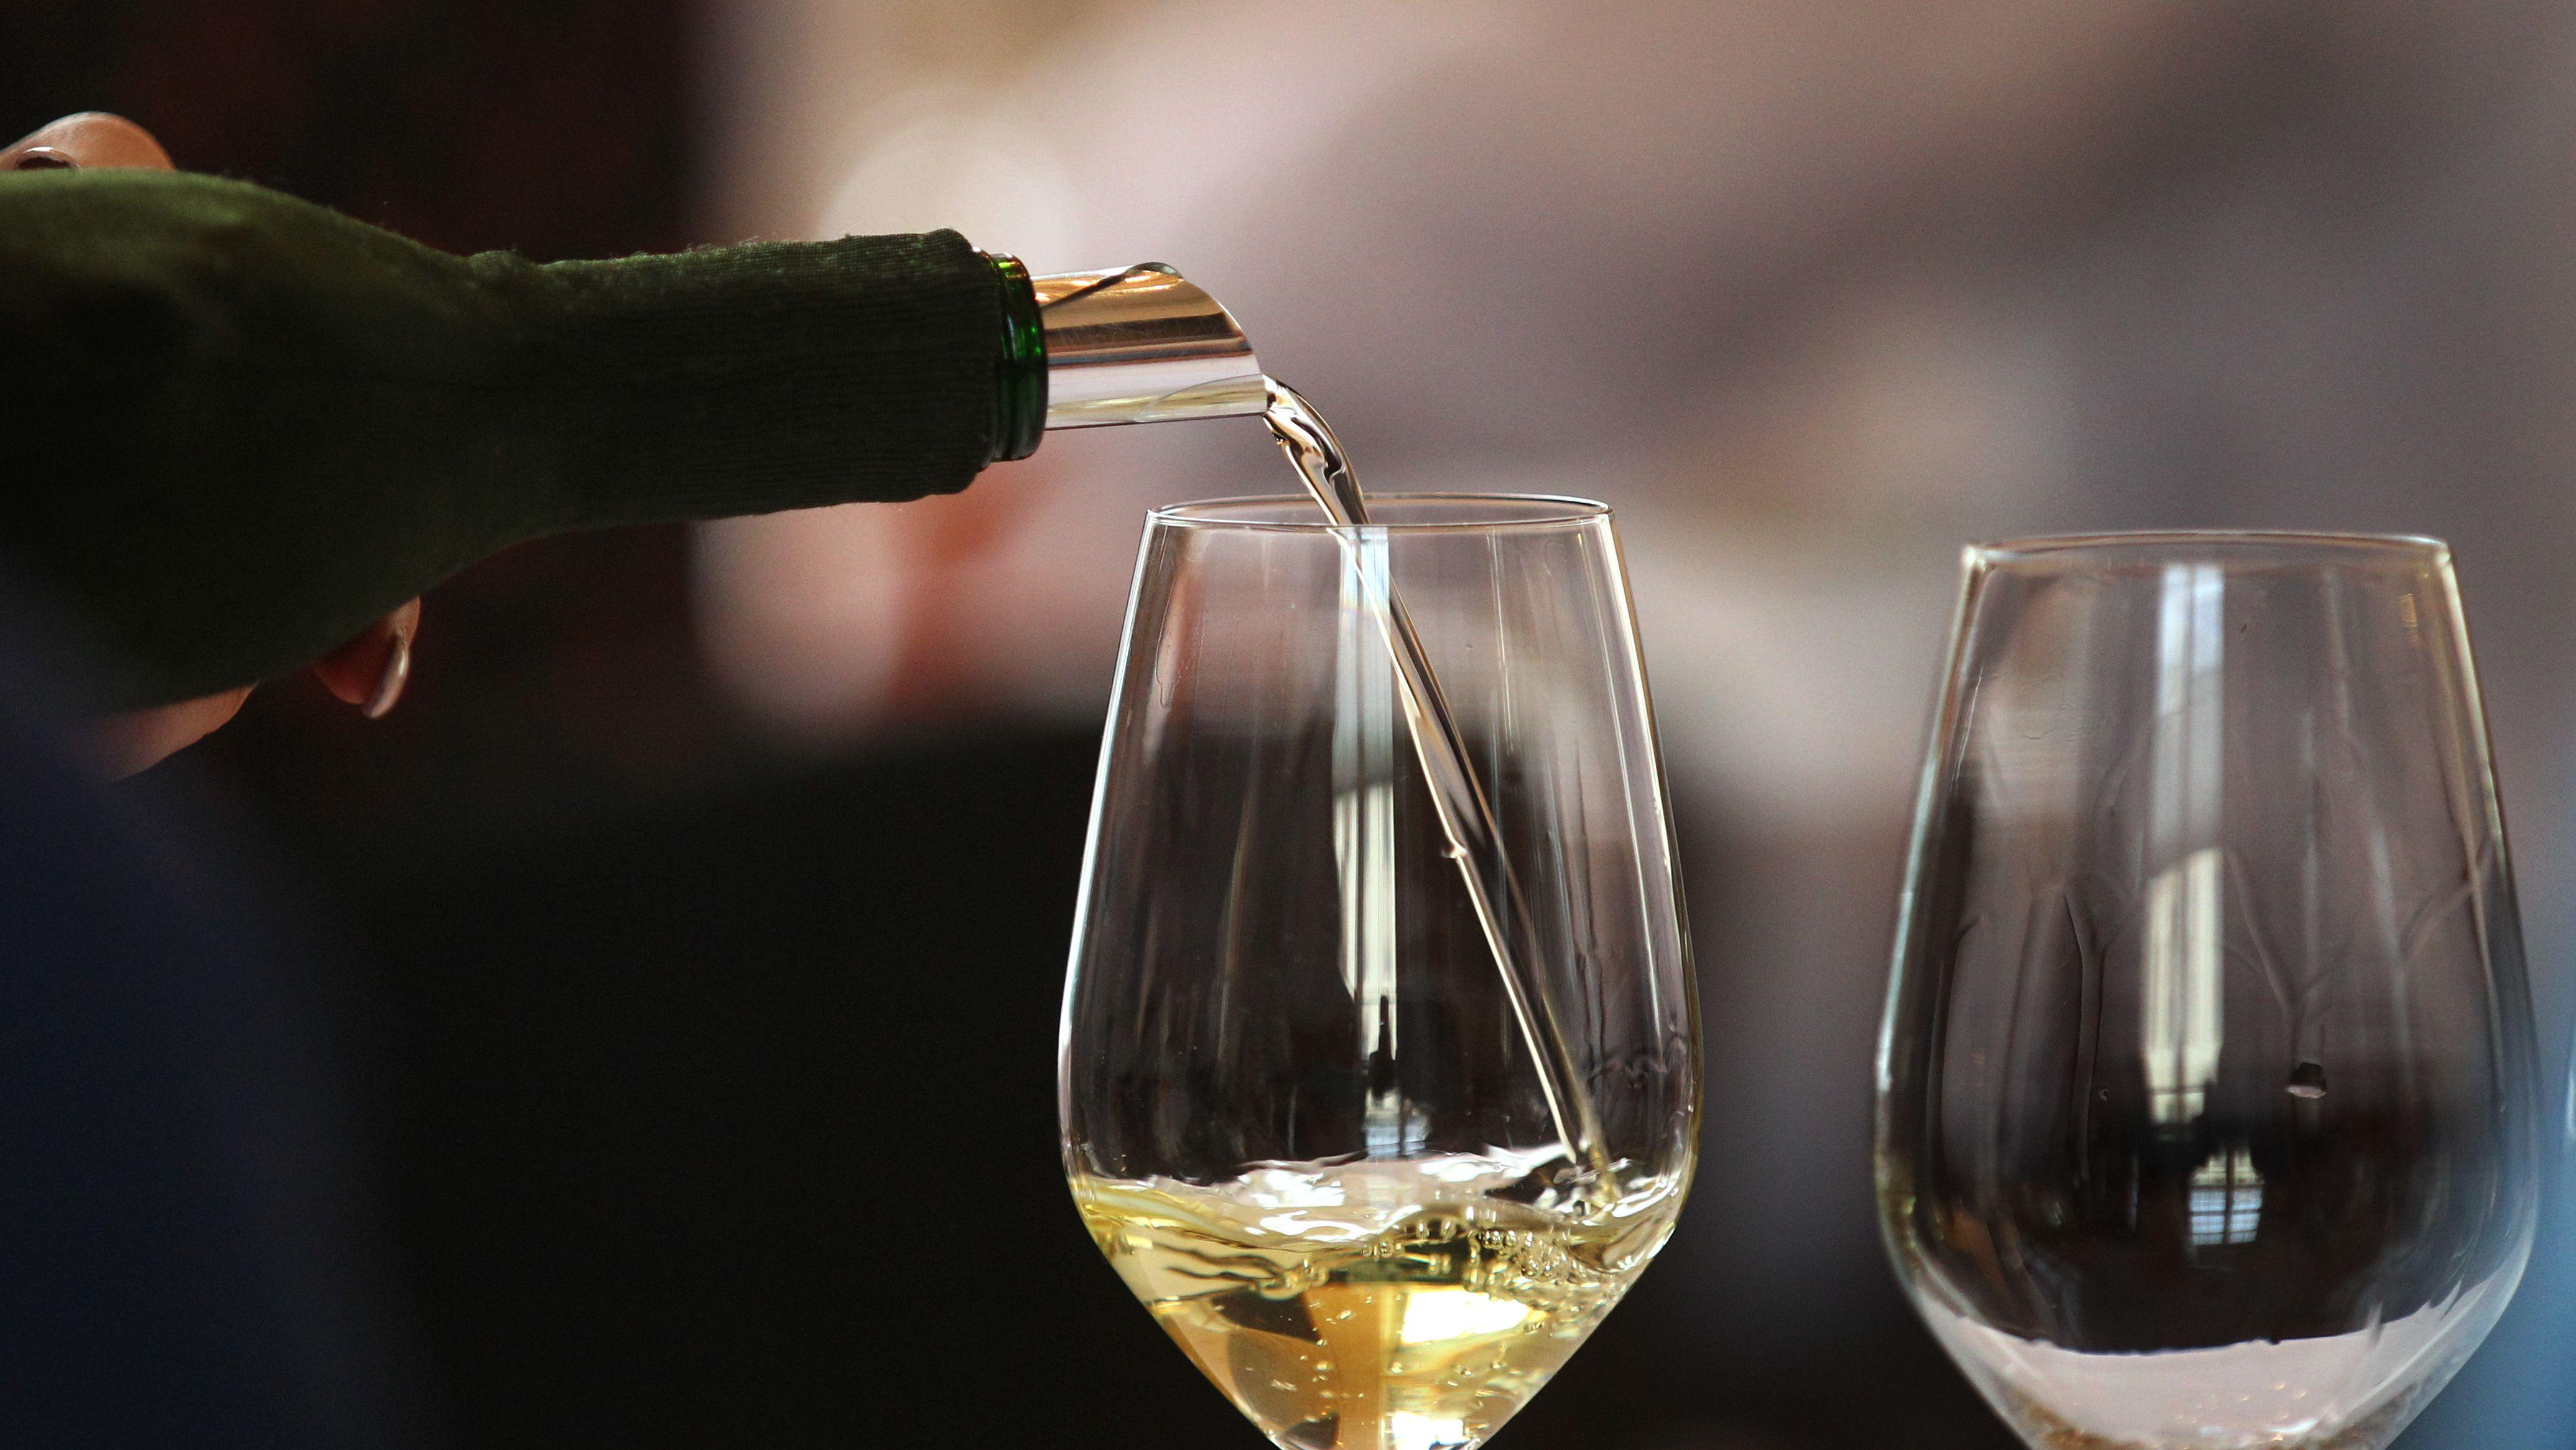 Weinglas wird mit Weißwein gefüllt.